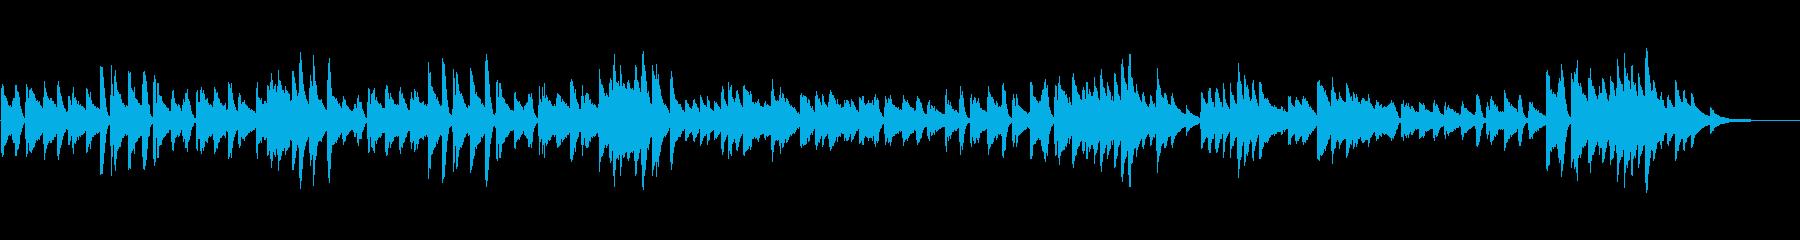 シューマン 軽快で純朴なピアノ曲 高音質の再生済みの波形